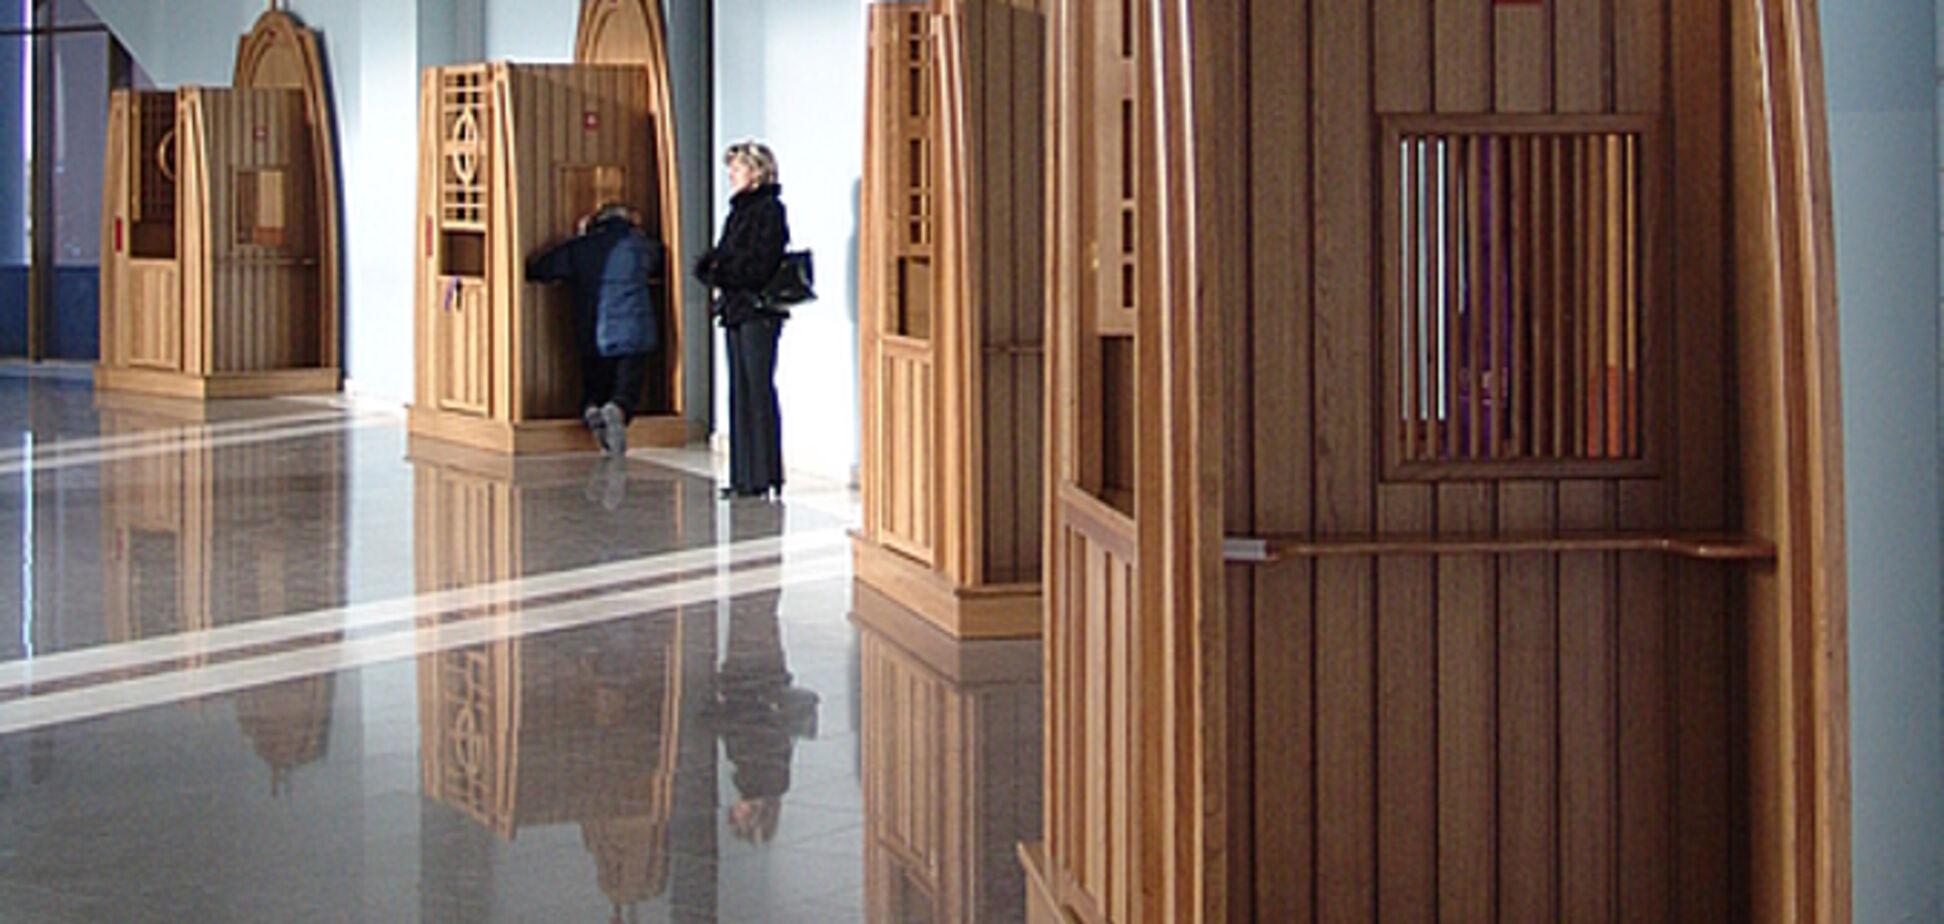 Исповедь и коррупция: Голышев ответил УГКЦ на примере покаяния Березовского